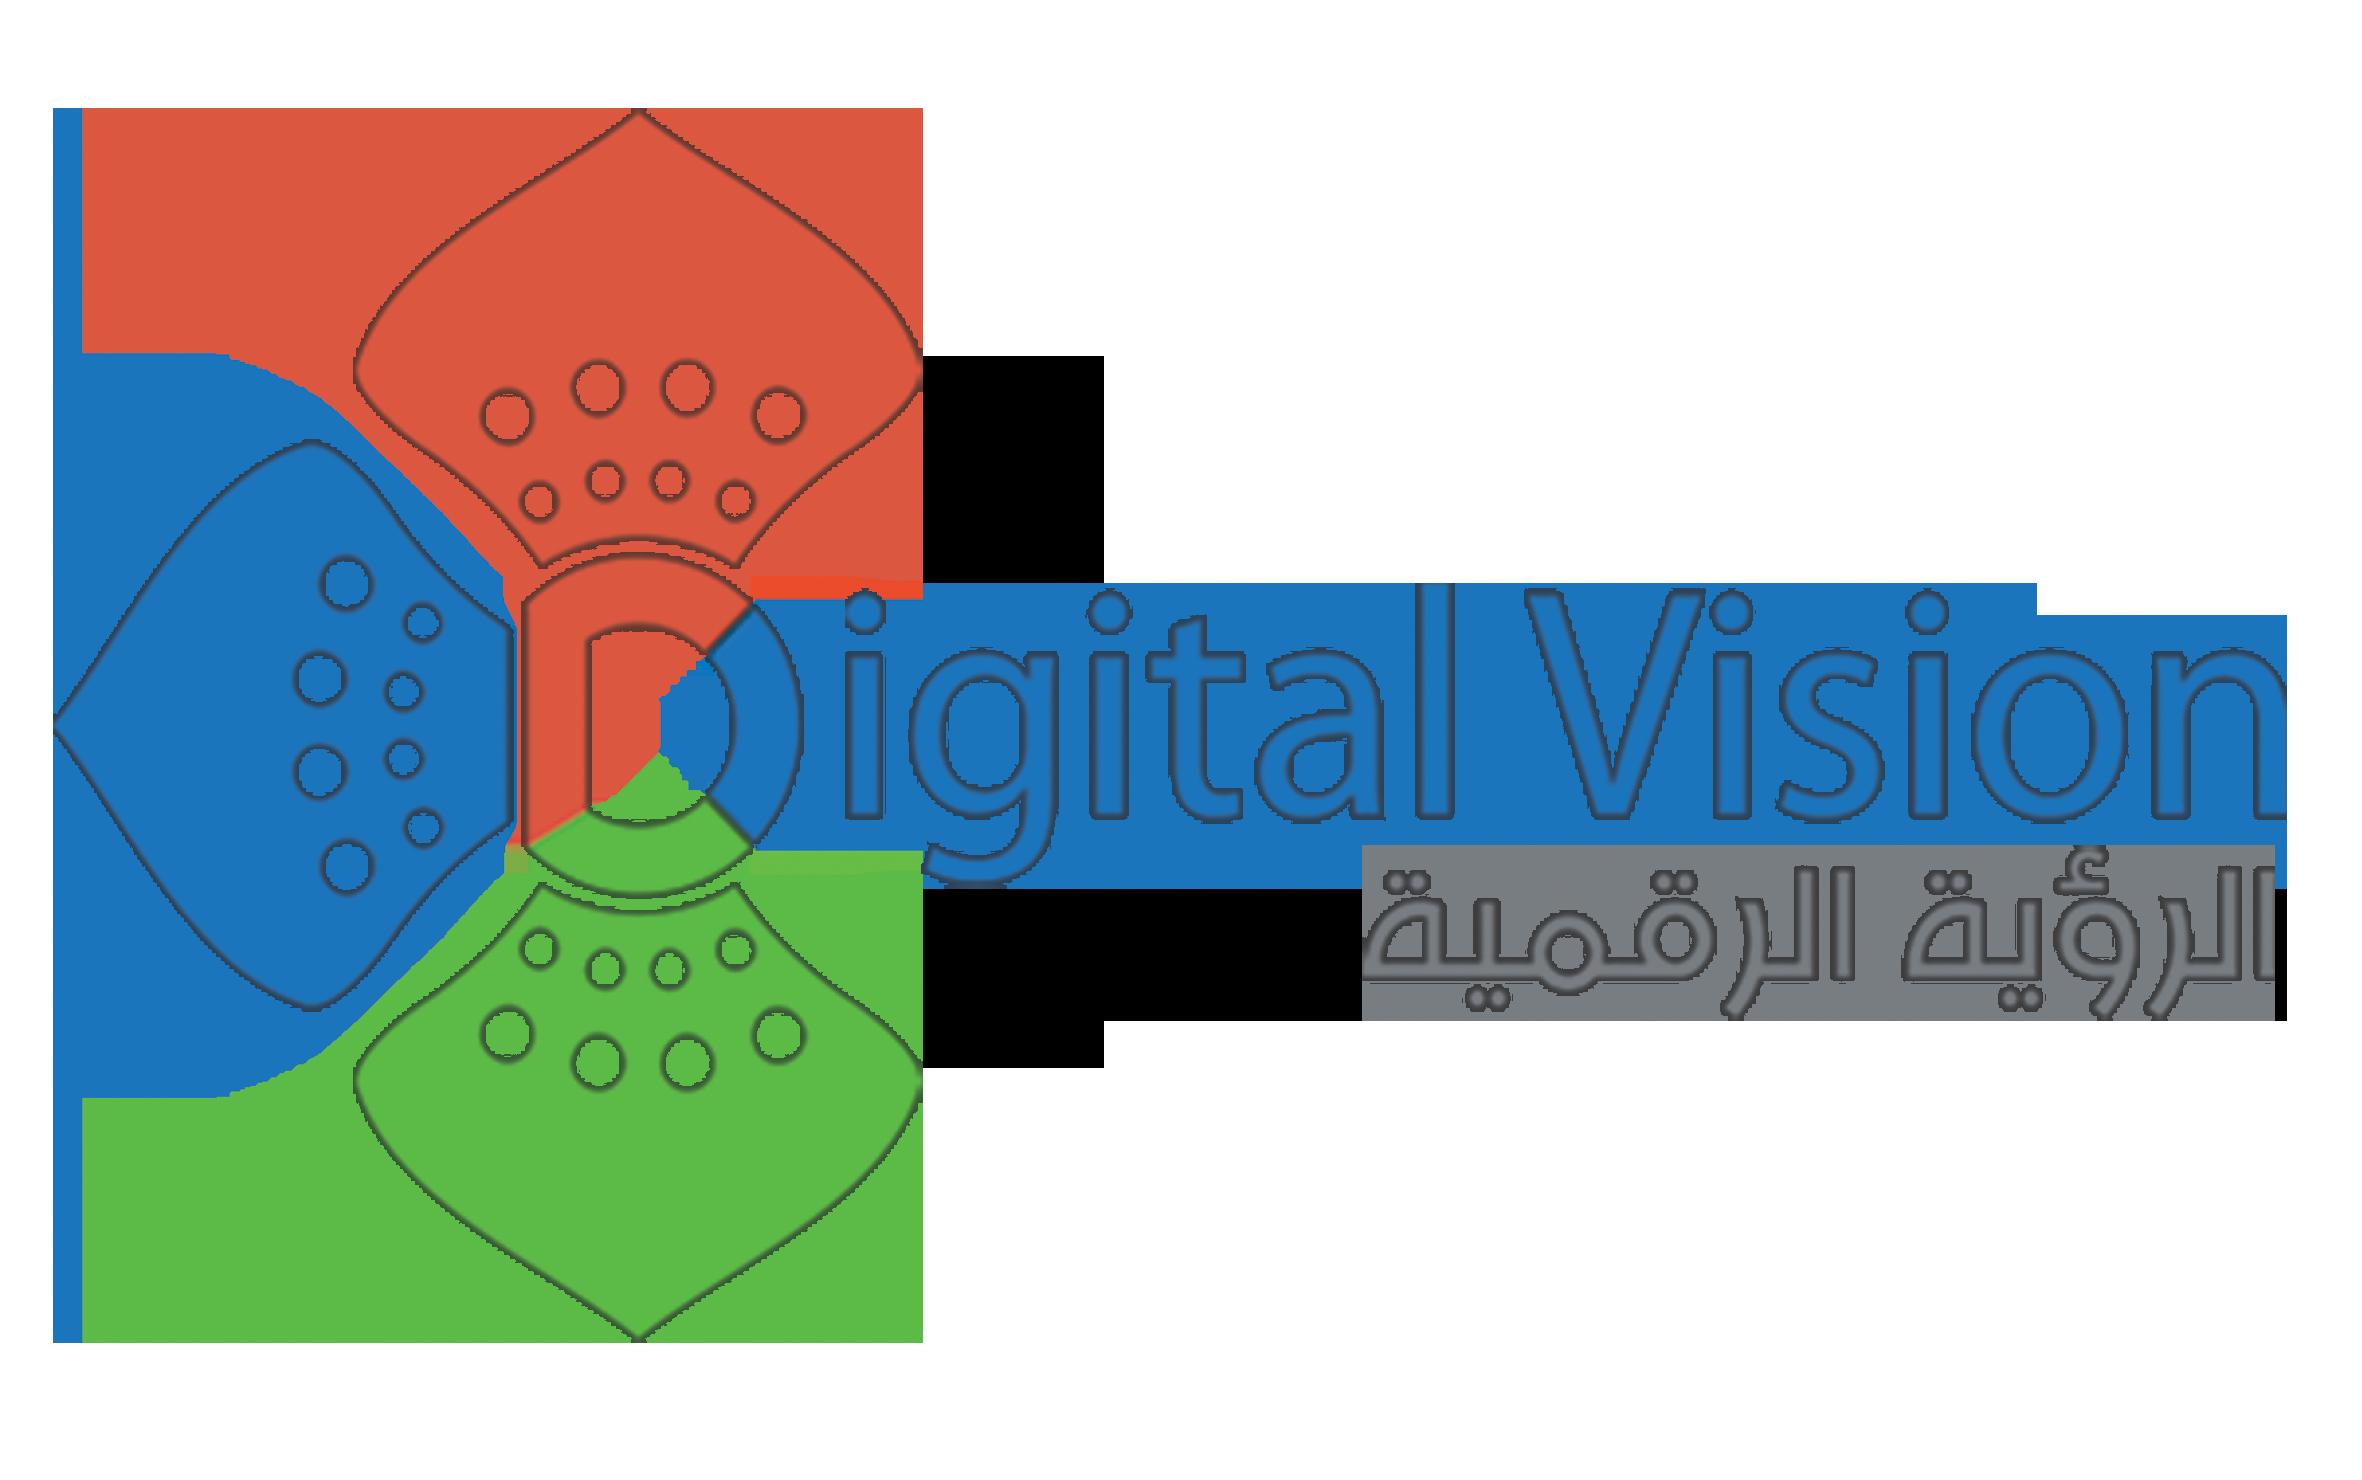 وكالة الرؤية الرقمية للدعاية والإعلان